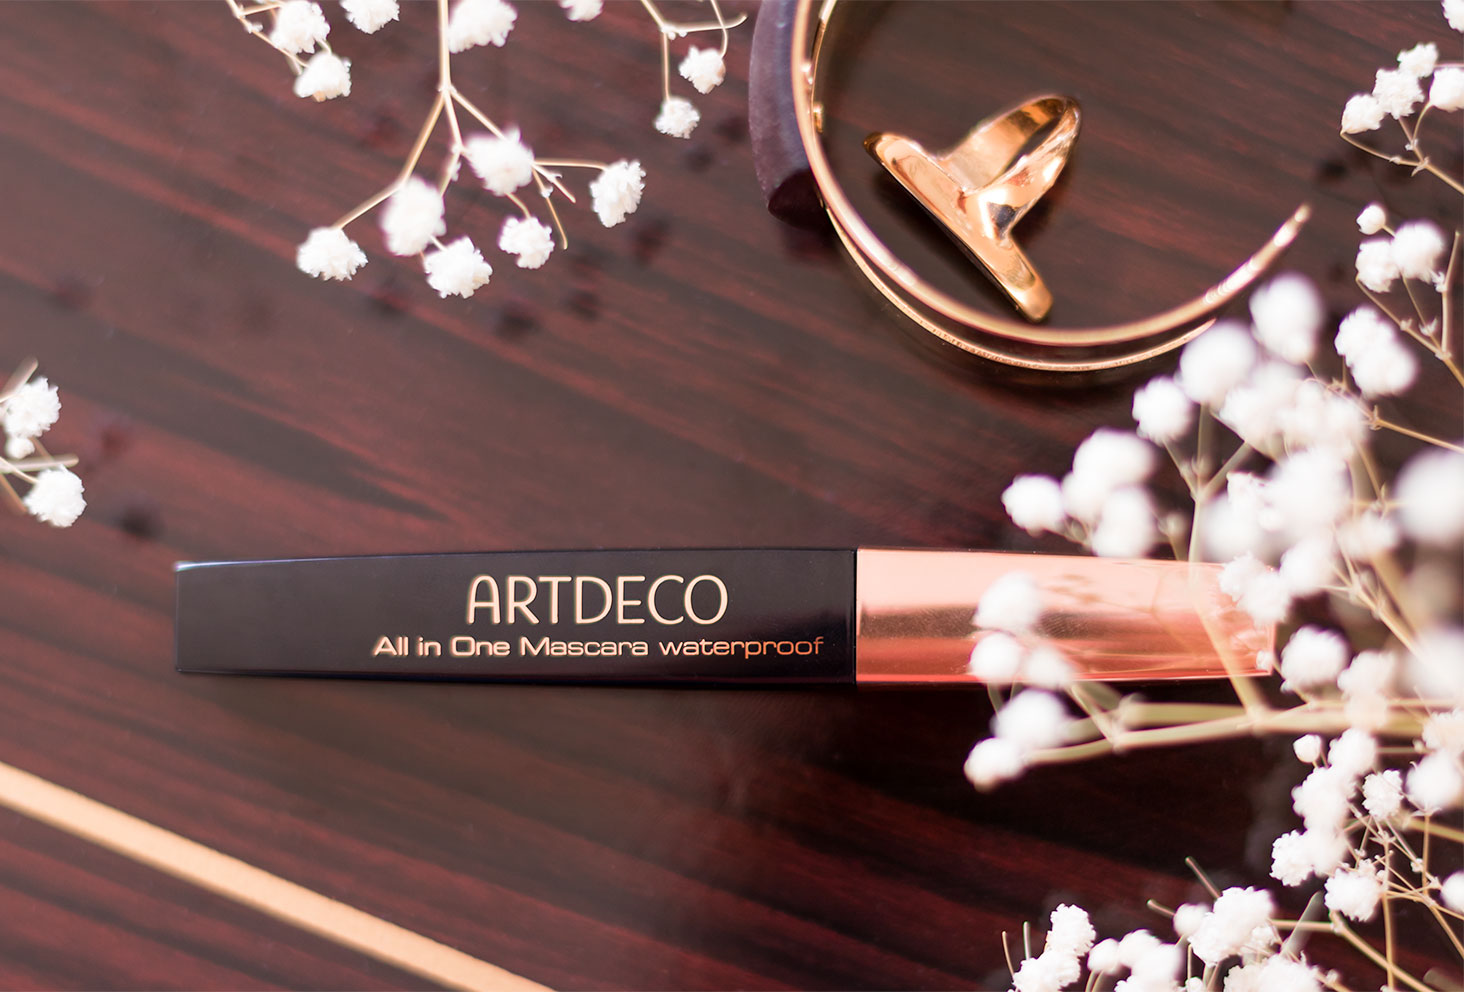 Le mascara waterproof de ARTDECO vu de haut, posé sur une table en bois foncé, au milieu des bijoux dorés et des fleurs séchées